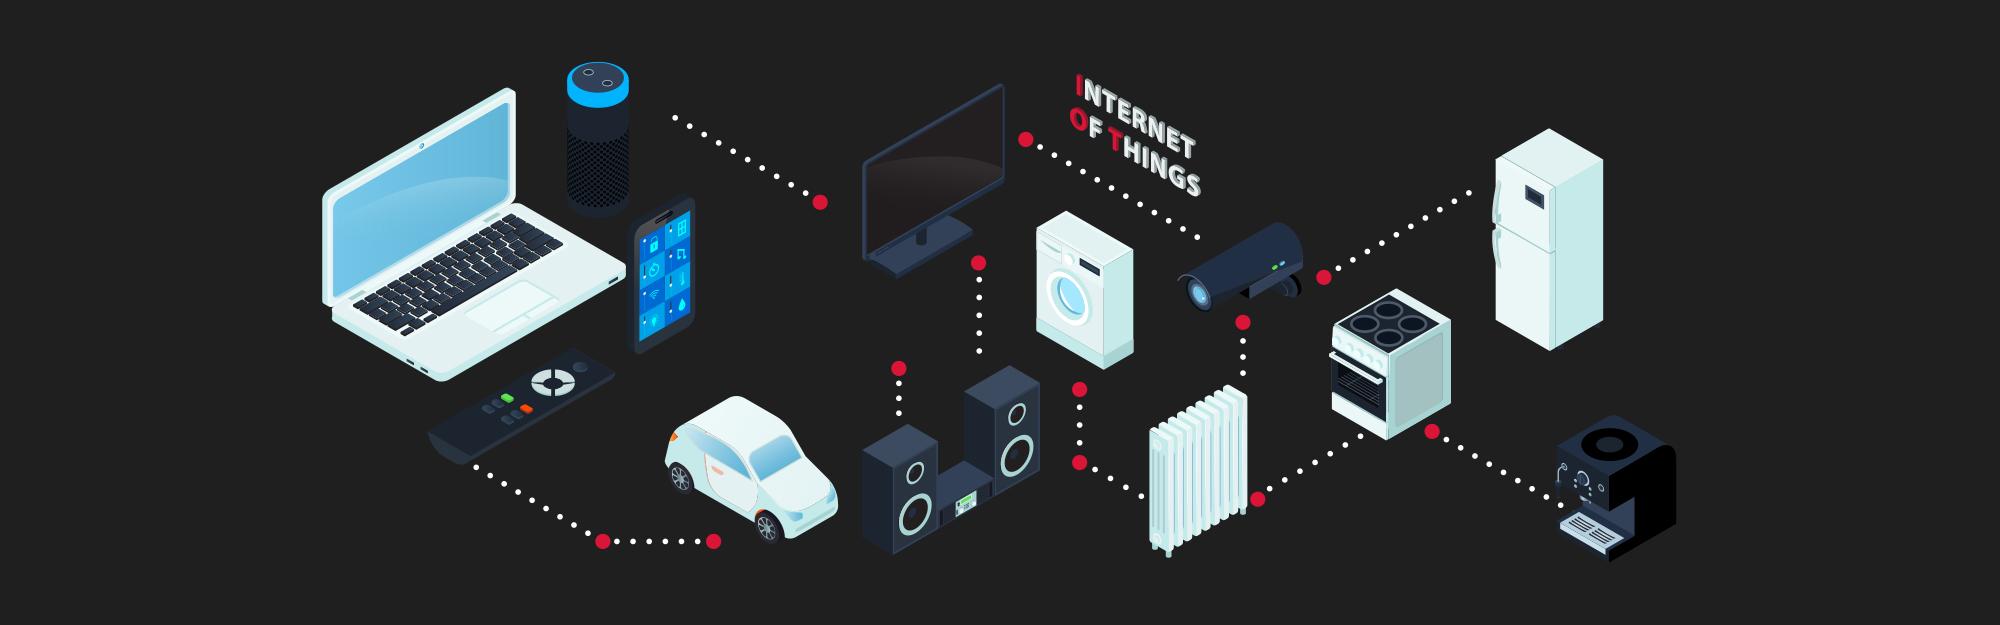 Dati e IoT spostano il focus dal prodotto al servizio per il cliente trasformando il business delle aziende